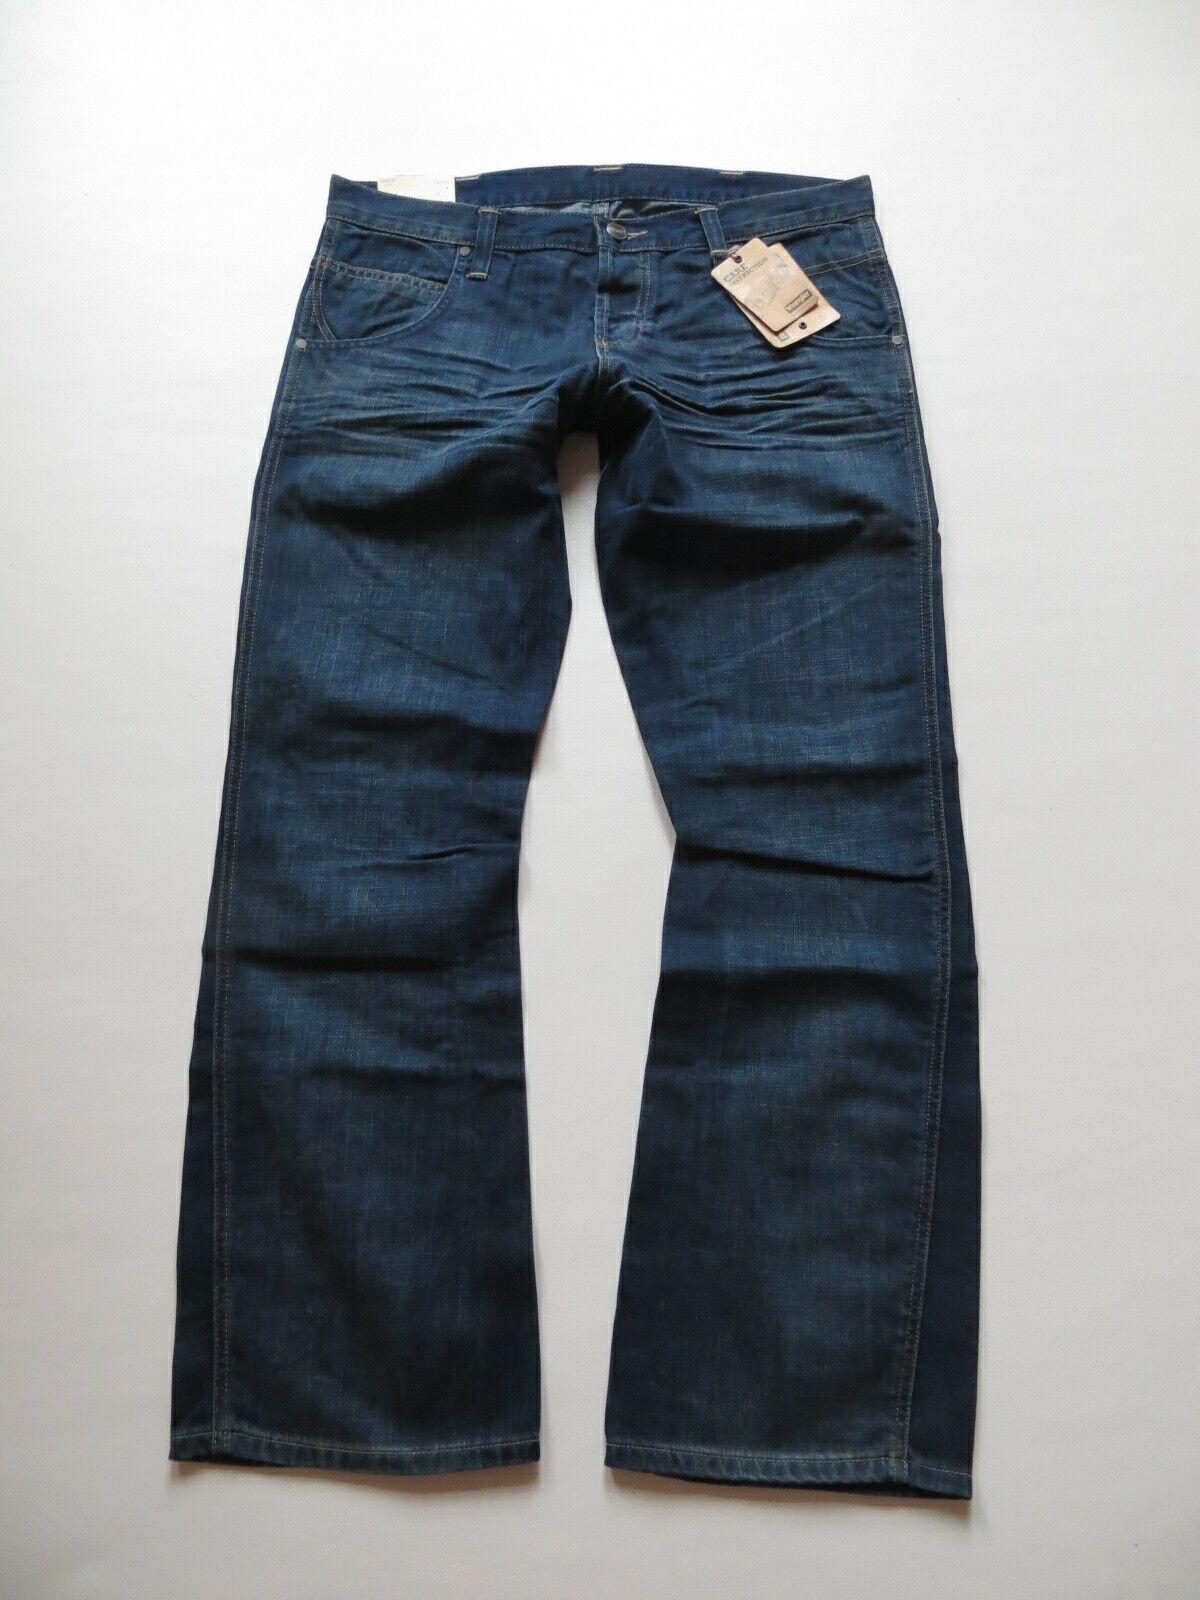 Wrangler SHARKEY Stiefelcut Jeans Hose Hose Hose W 33  L 32 NEU   straight & X-Low Denim 62ed13